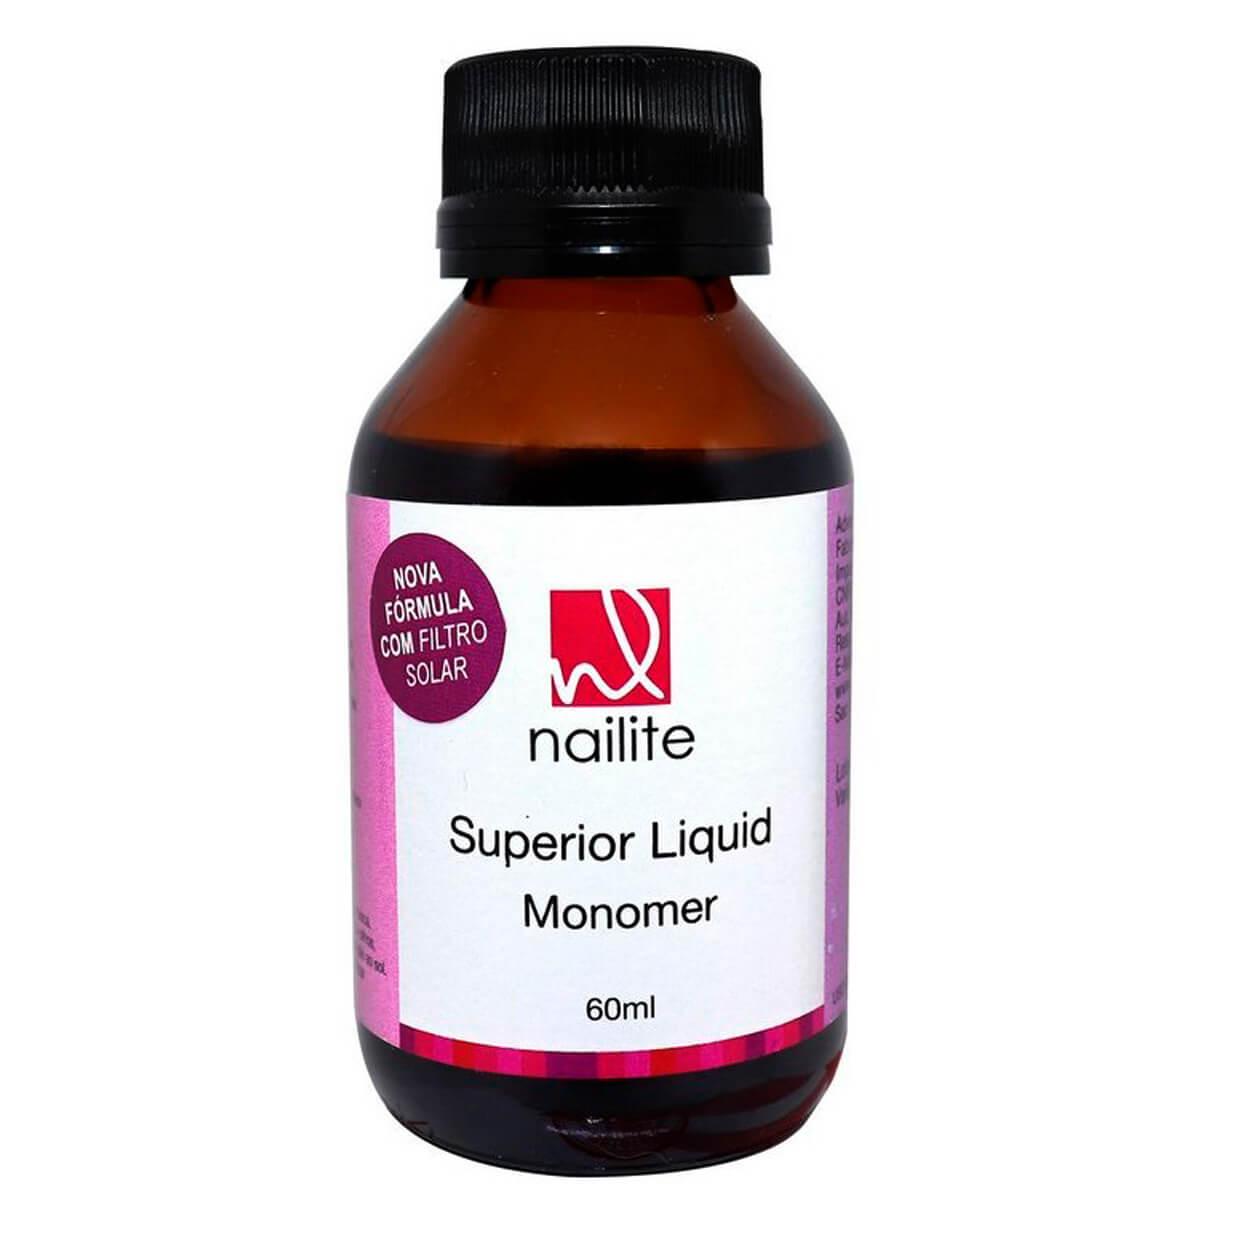 Superior Liquid Monomer Nailite 60ml